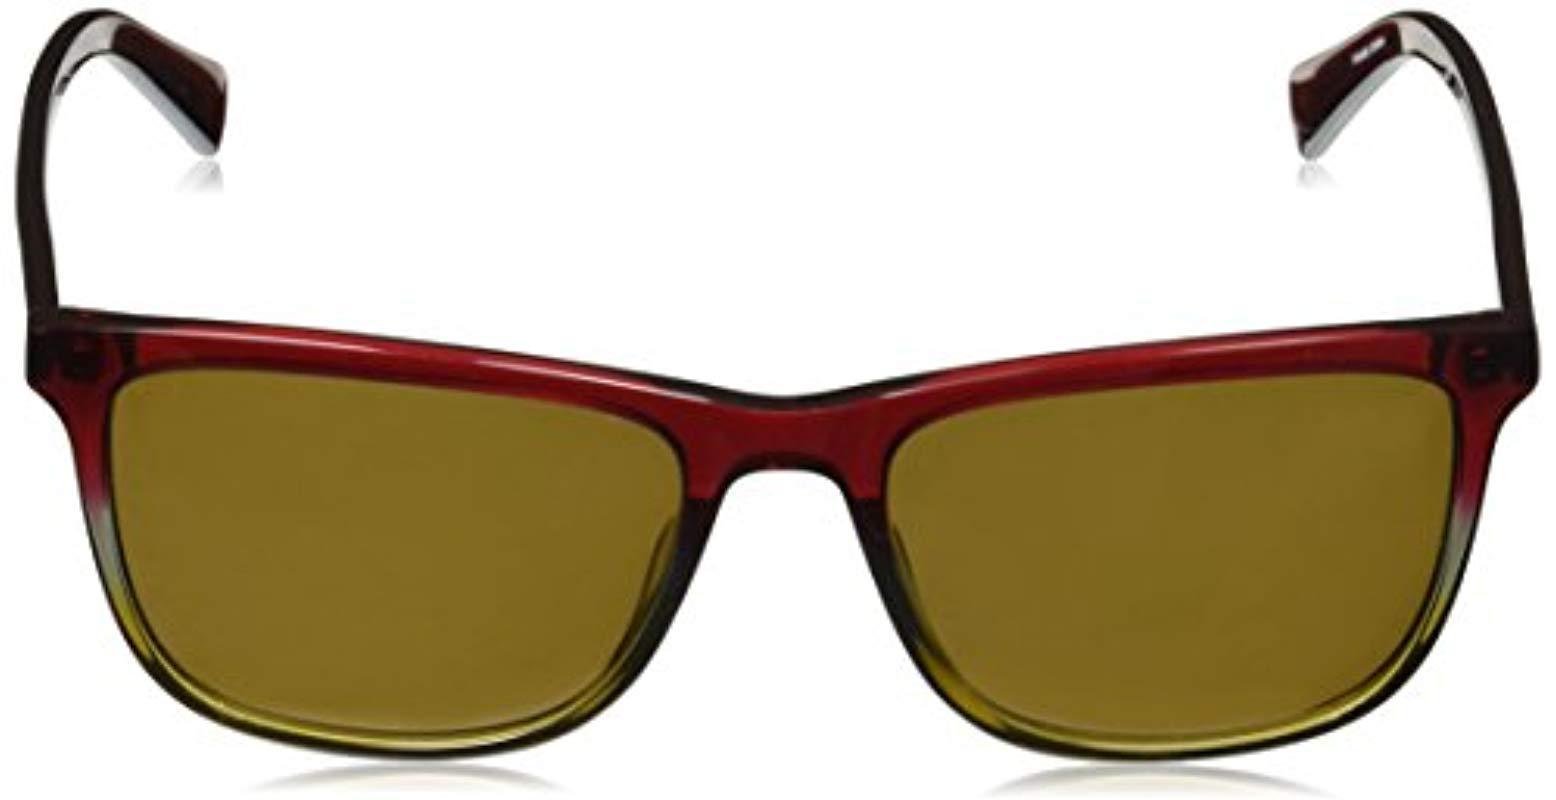 b7c4b941da7 Cole Haan - Multicolor Ch6045 Plastic Square Sunglasses